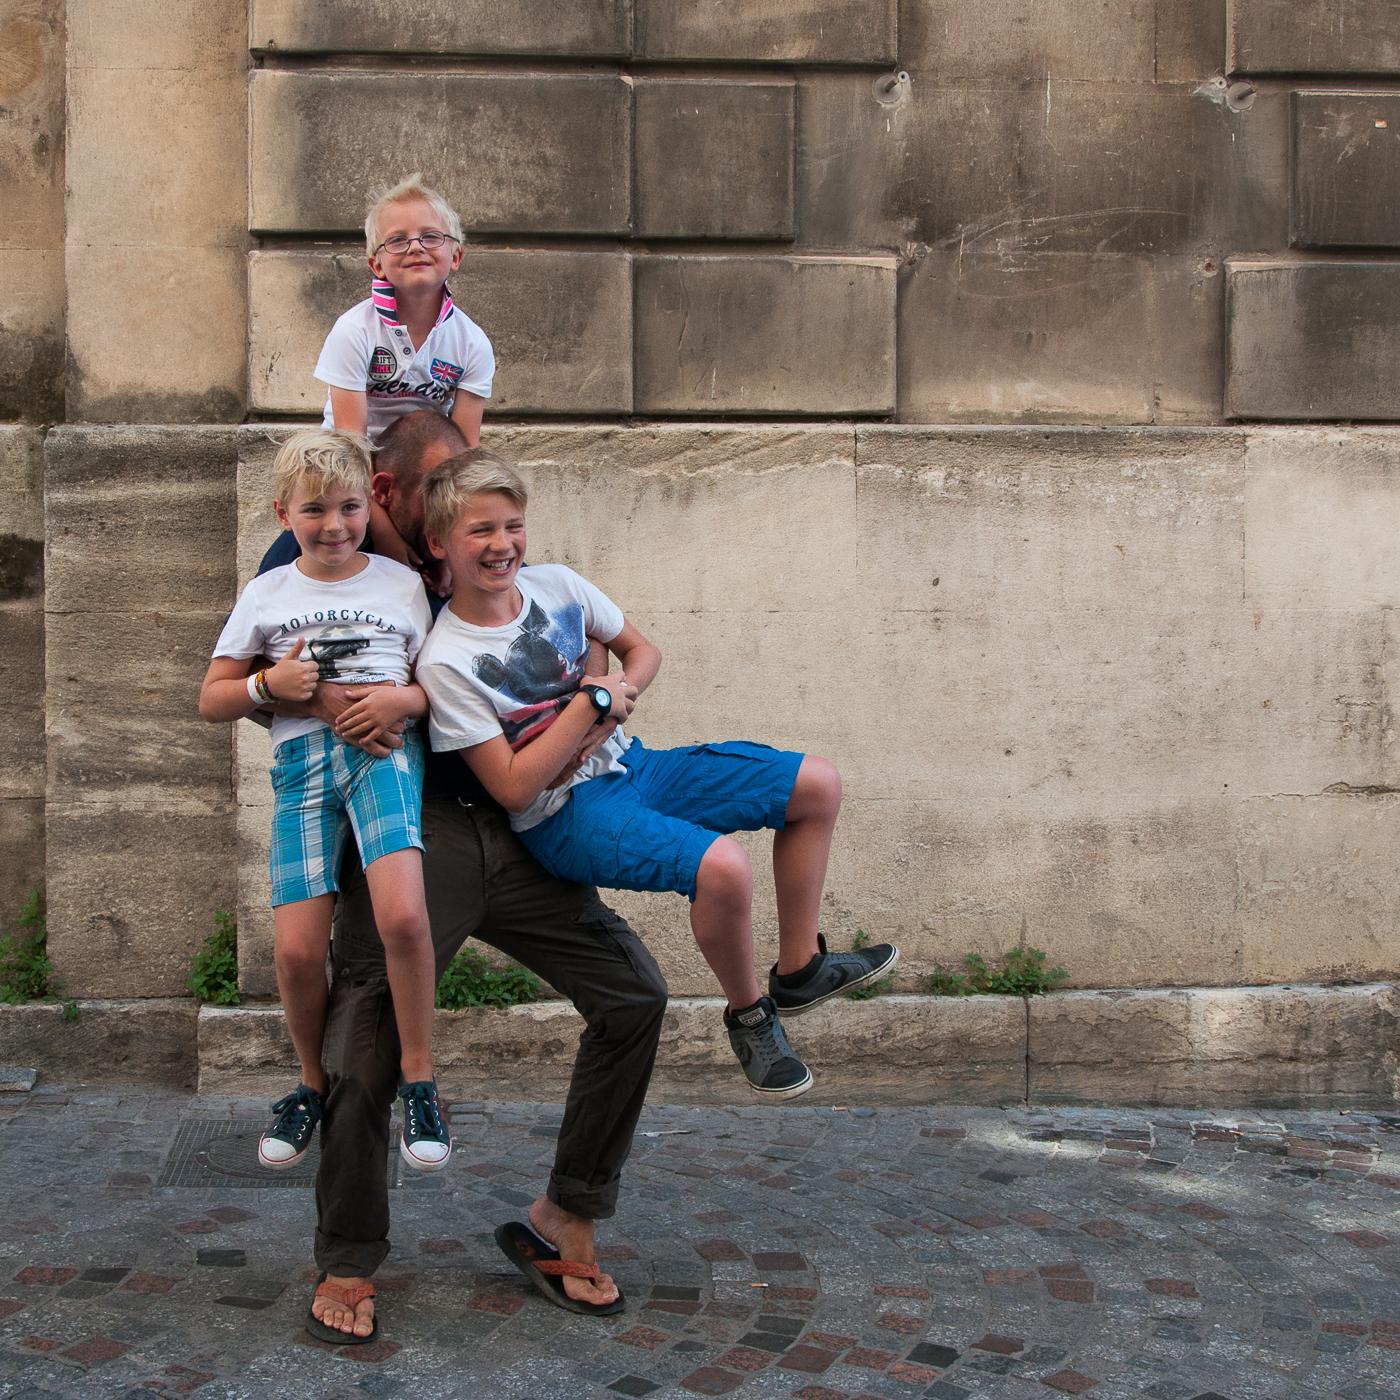 Arles_2015_-_Les_3_frères